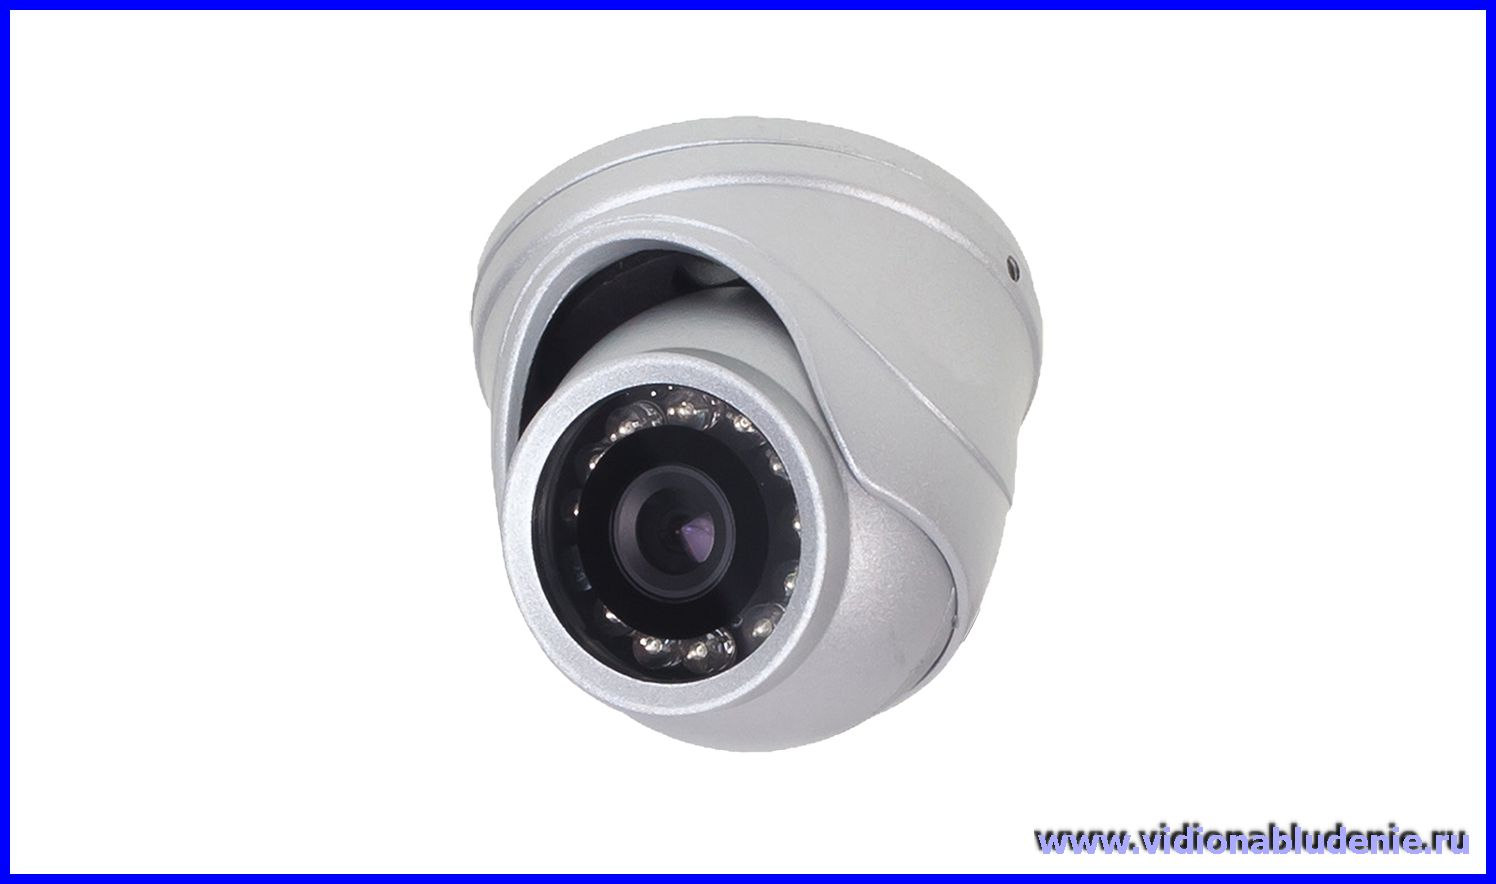 Оборудование для видеонаблюдения. Полный ассортимент оборудования в Новых Бурасах.